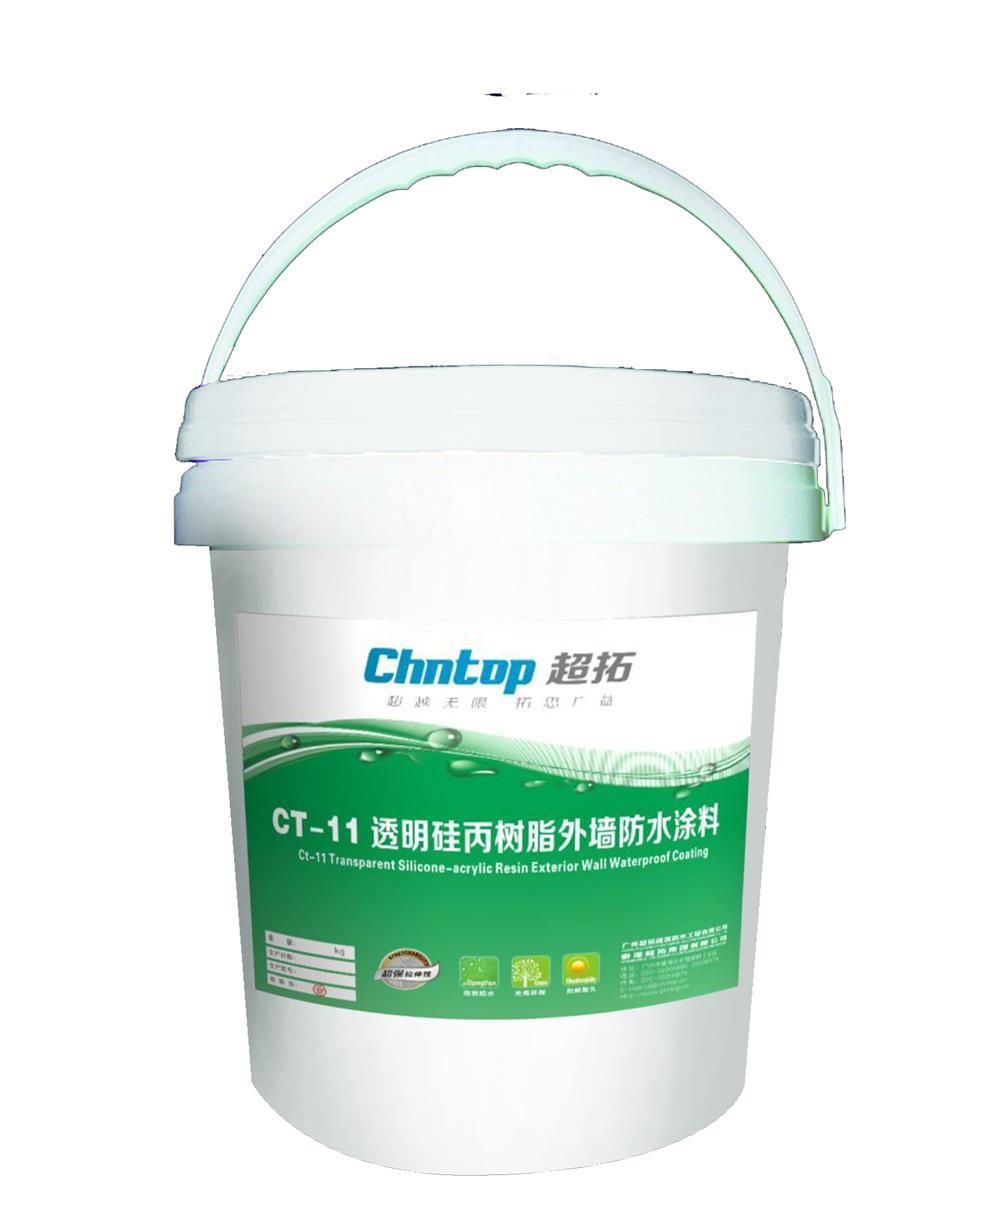 供应透明硅丙树脂外墙防水涂料